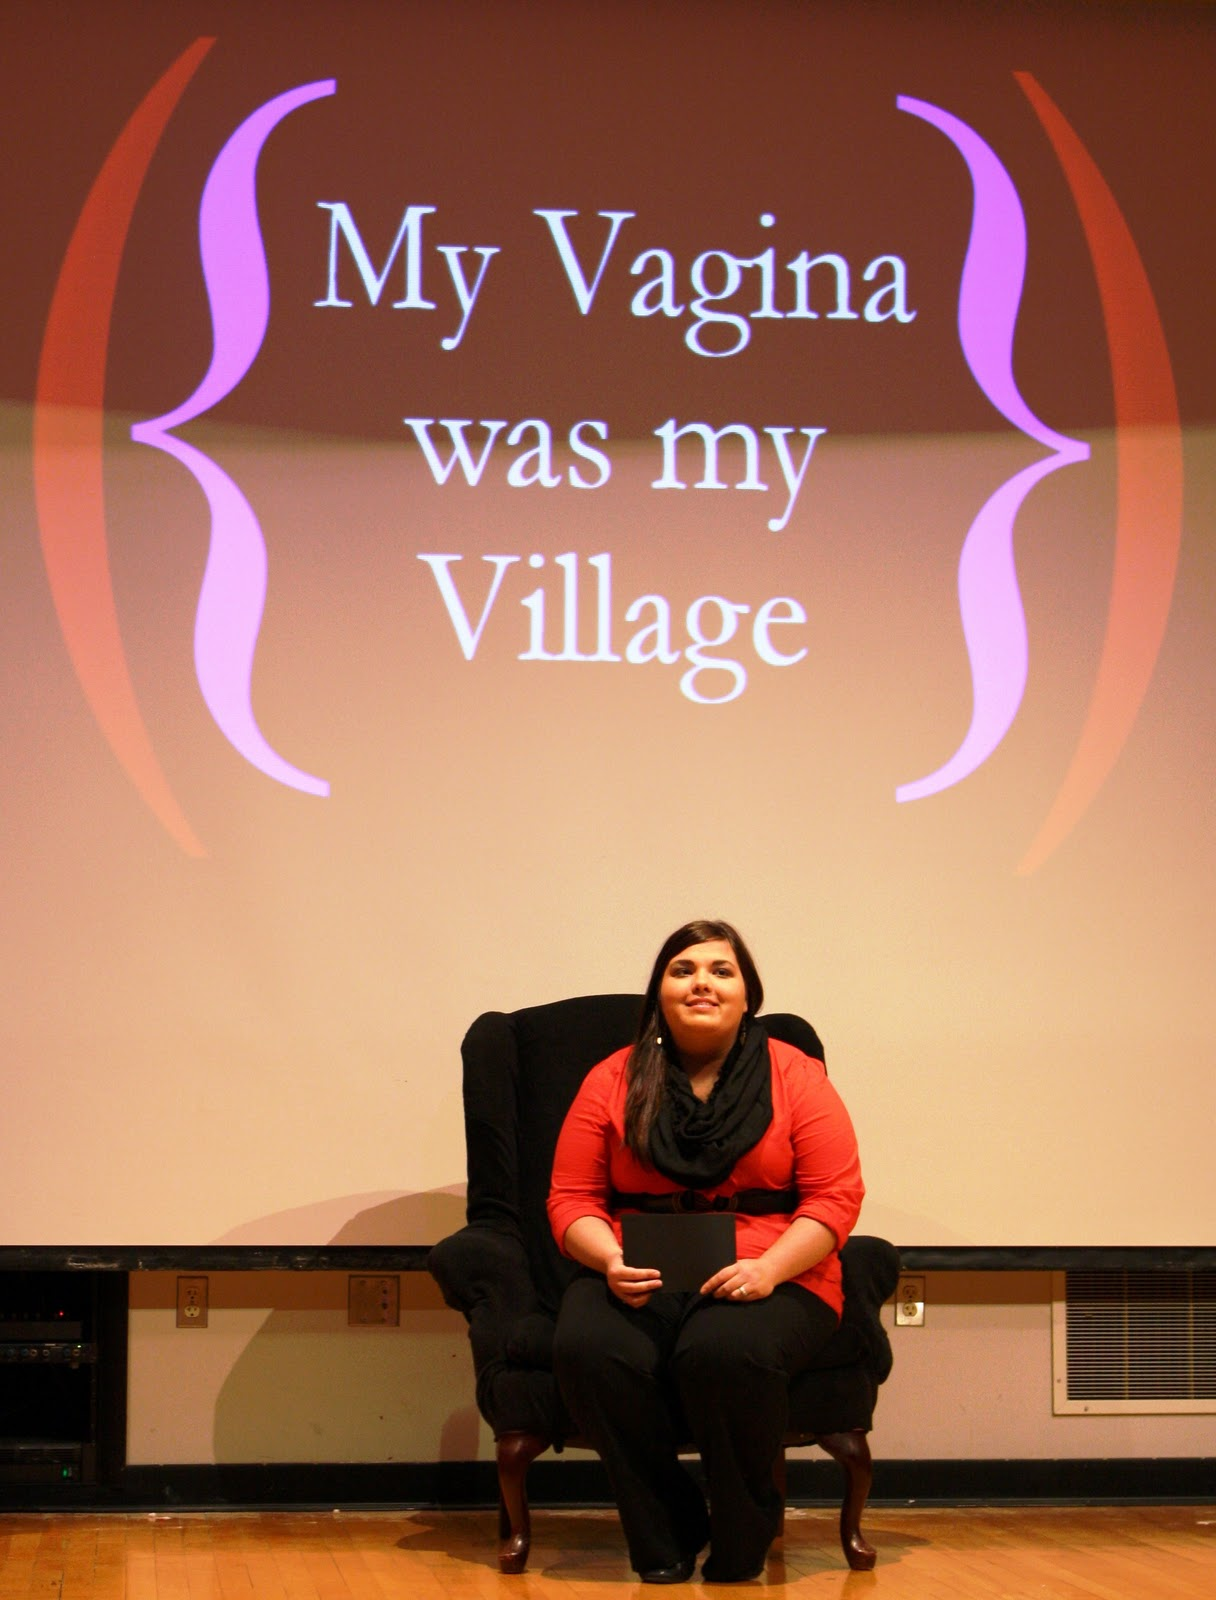 monologue angry vagina